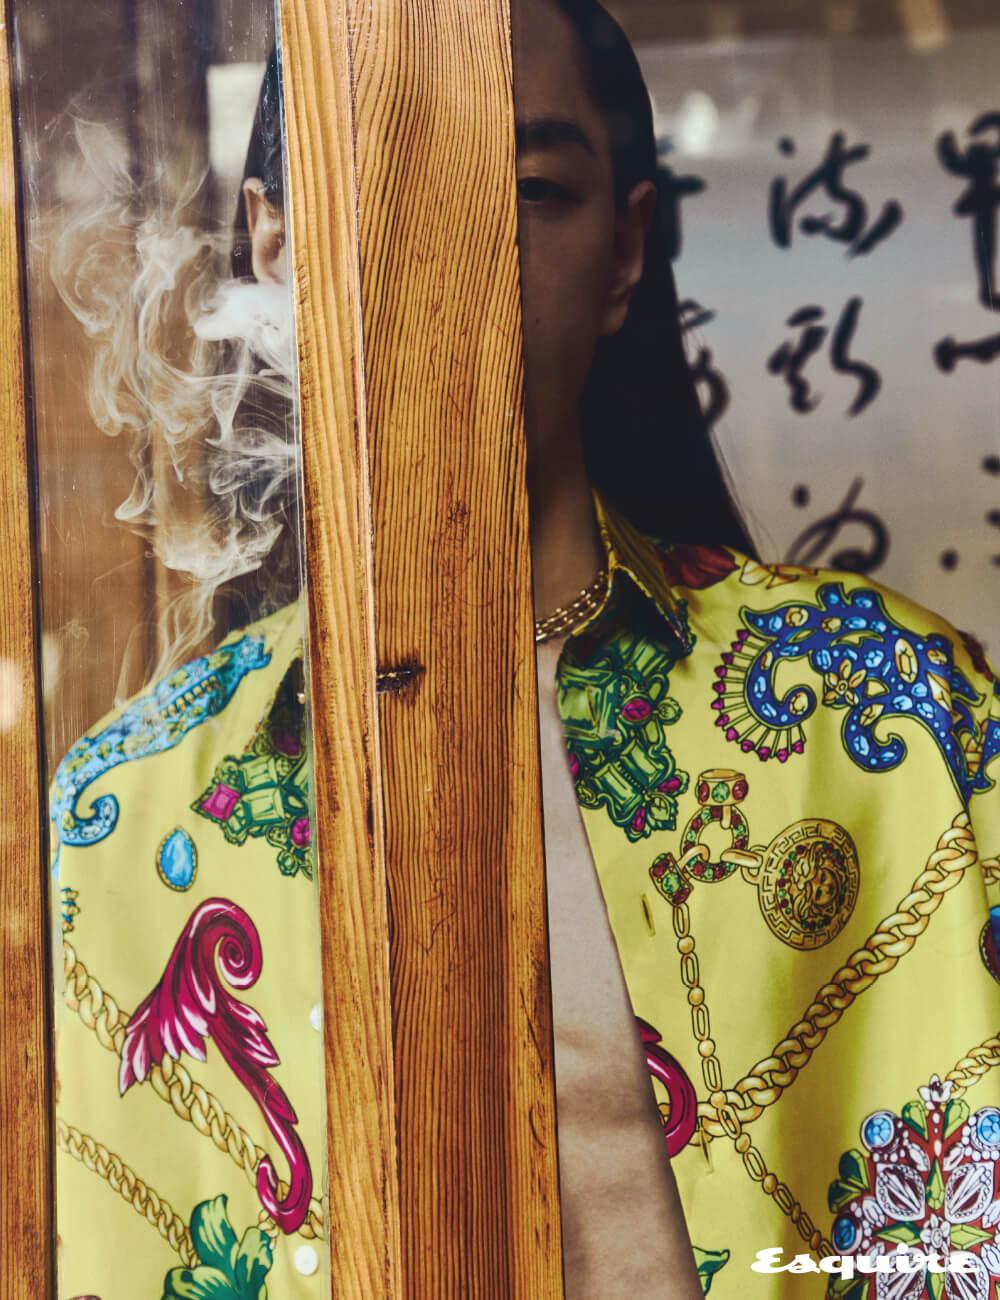 셔츠 가격 미정 베르사체. 체인 목걸이 1600만원대 티파니.